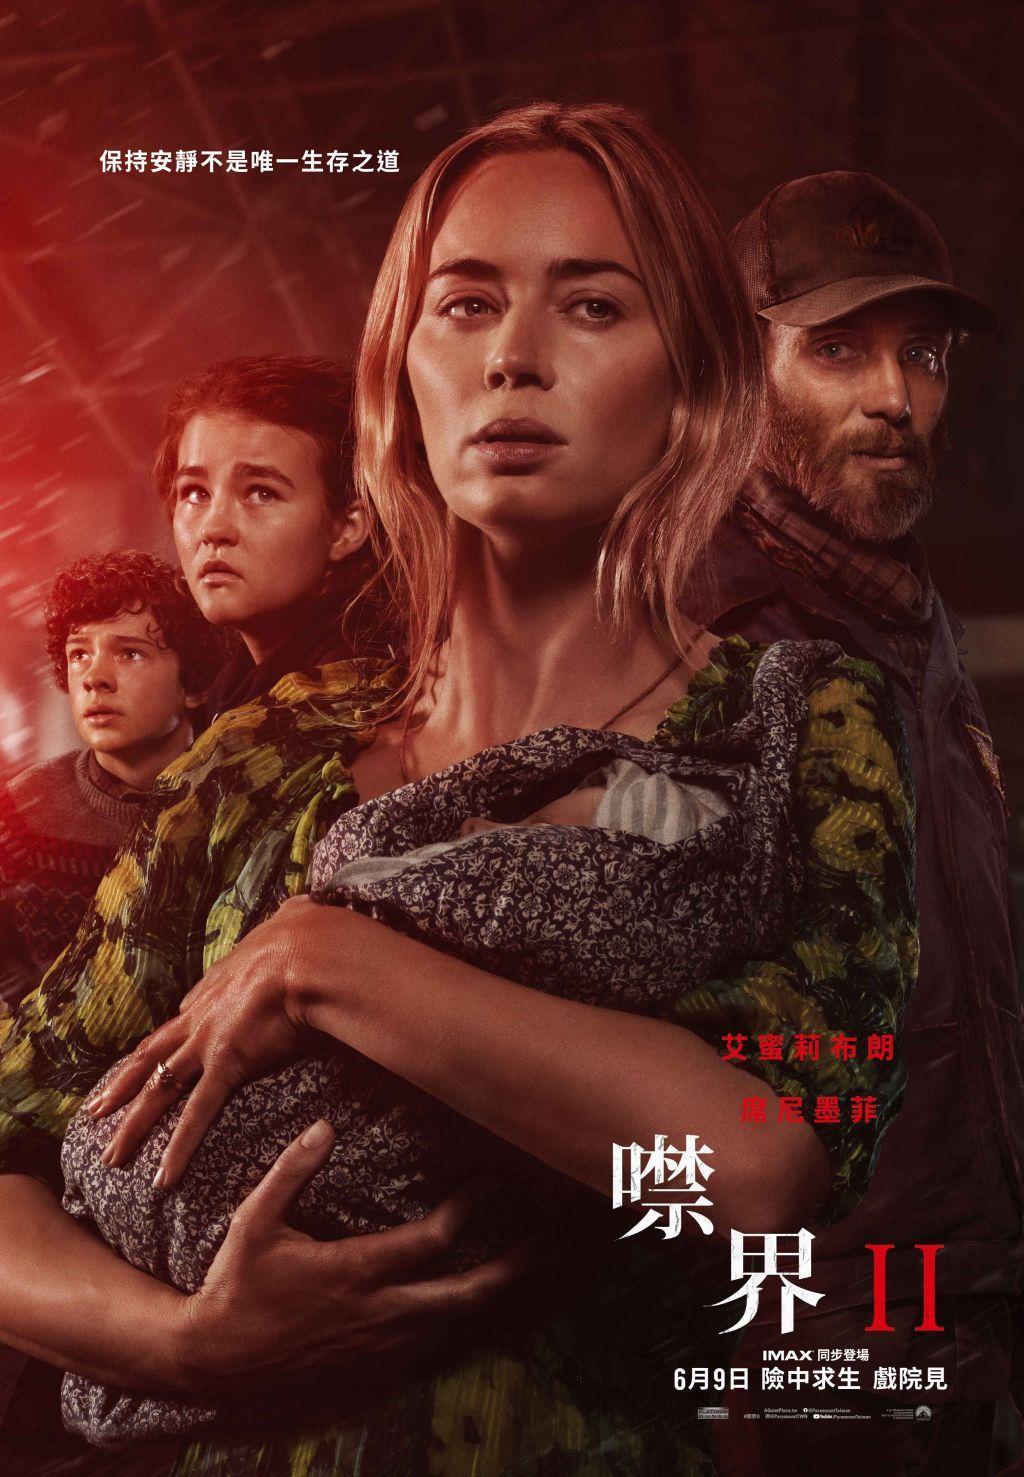 [繁中]噤界2(1080P)上映日期:2021-07-14